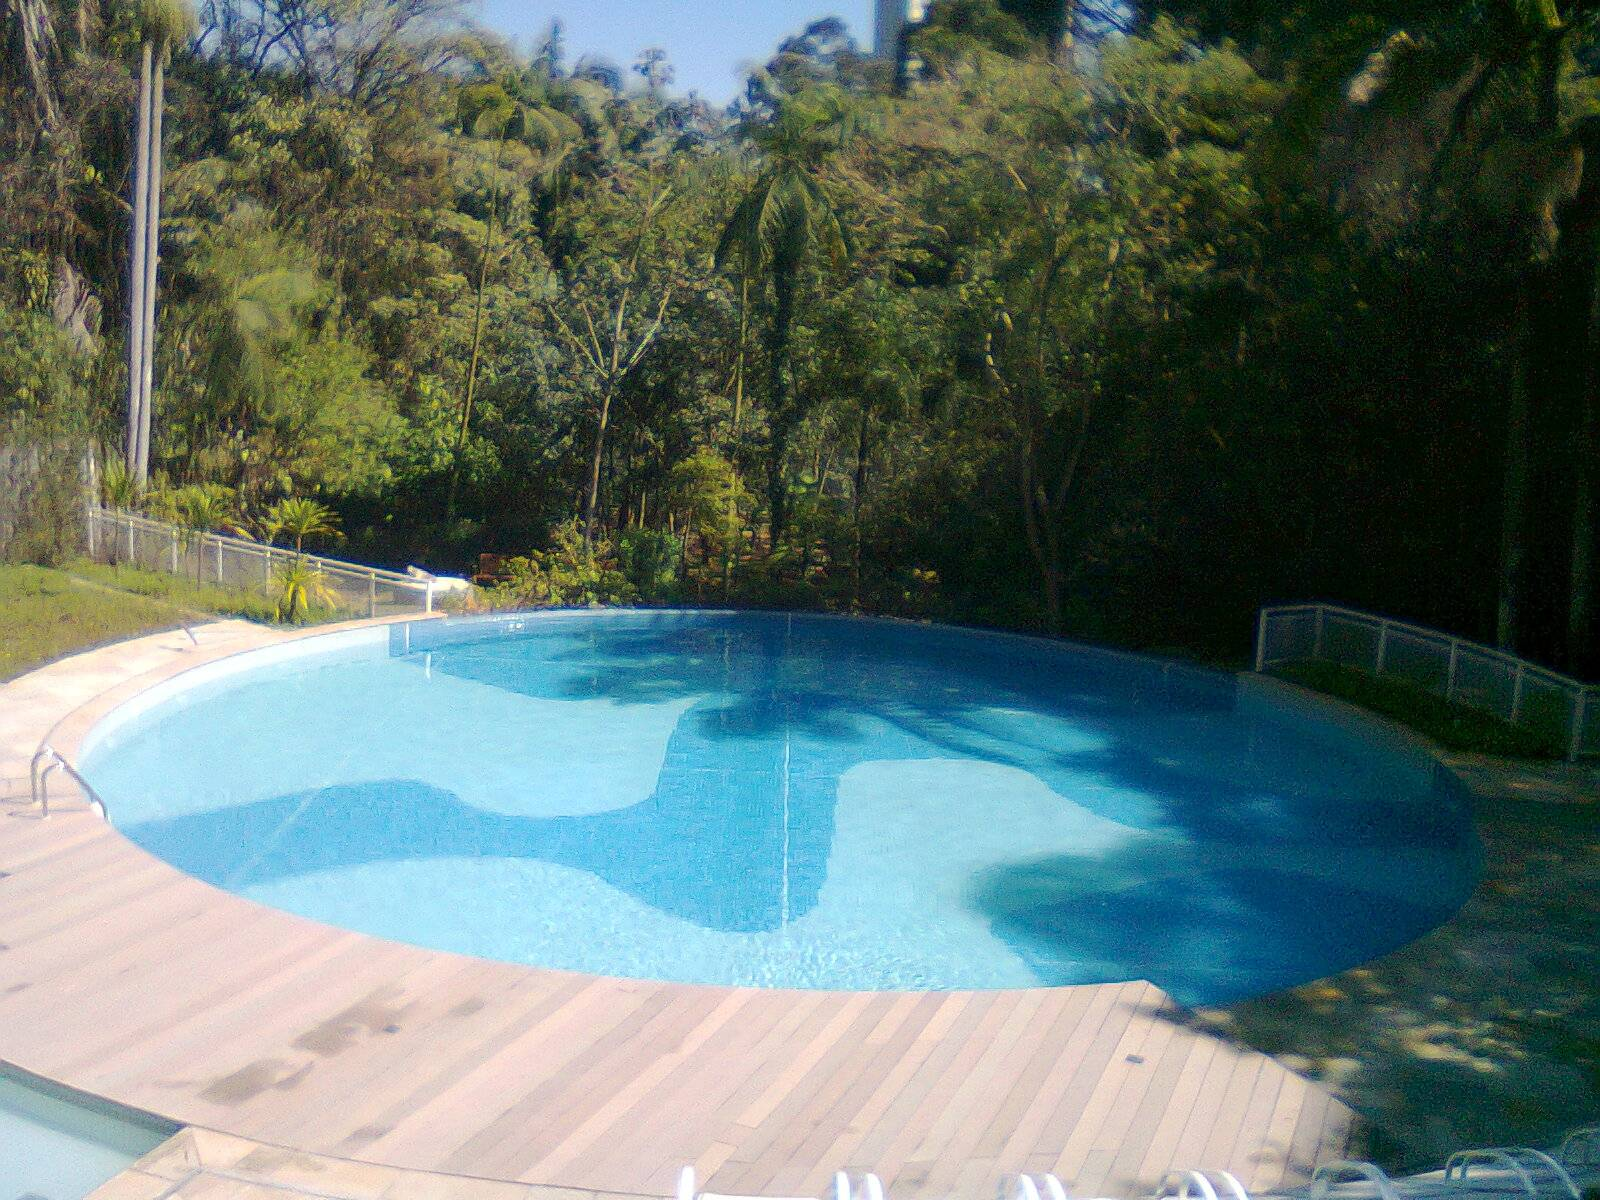 Curso de limpeza de piscina qualy tratus piscinas for Curso piscinas